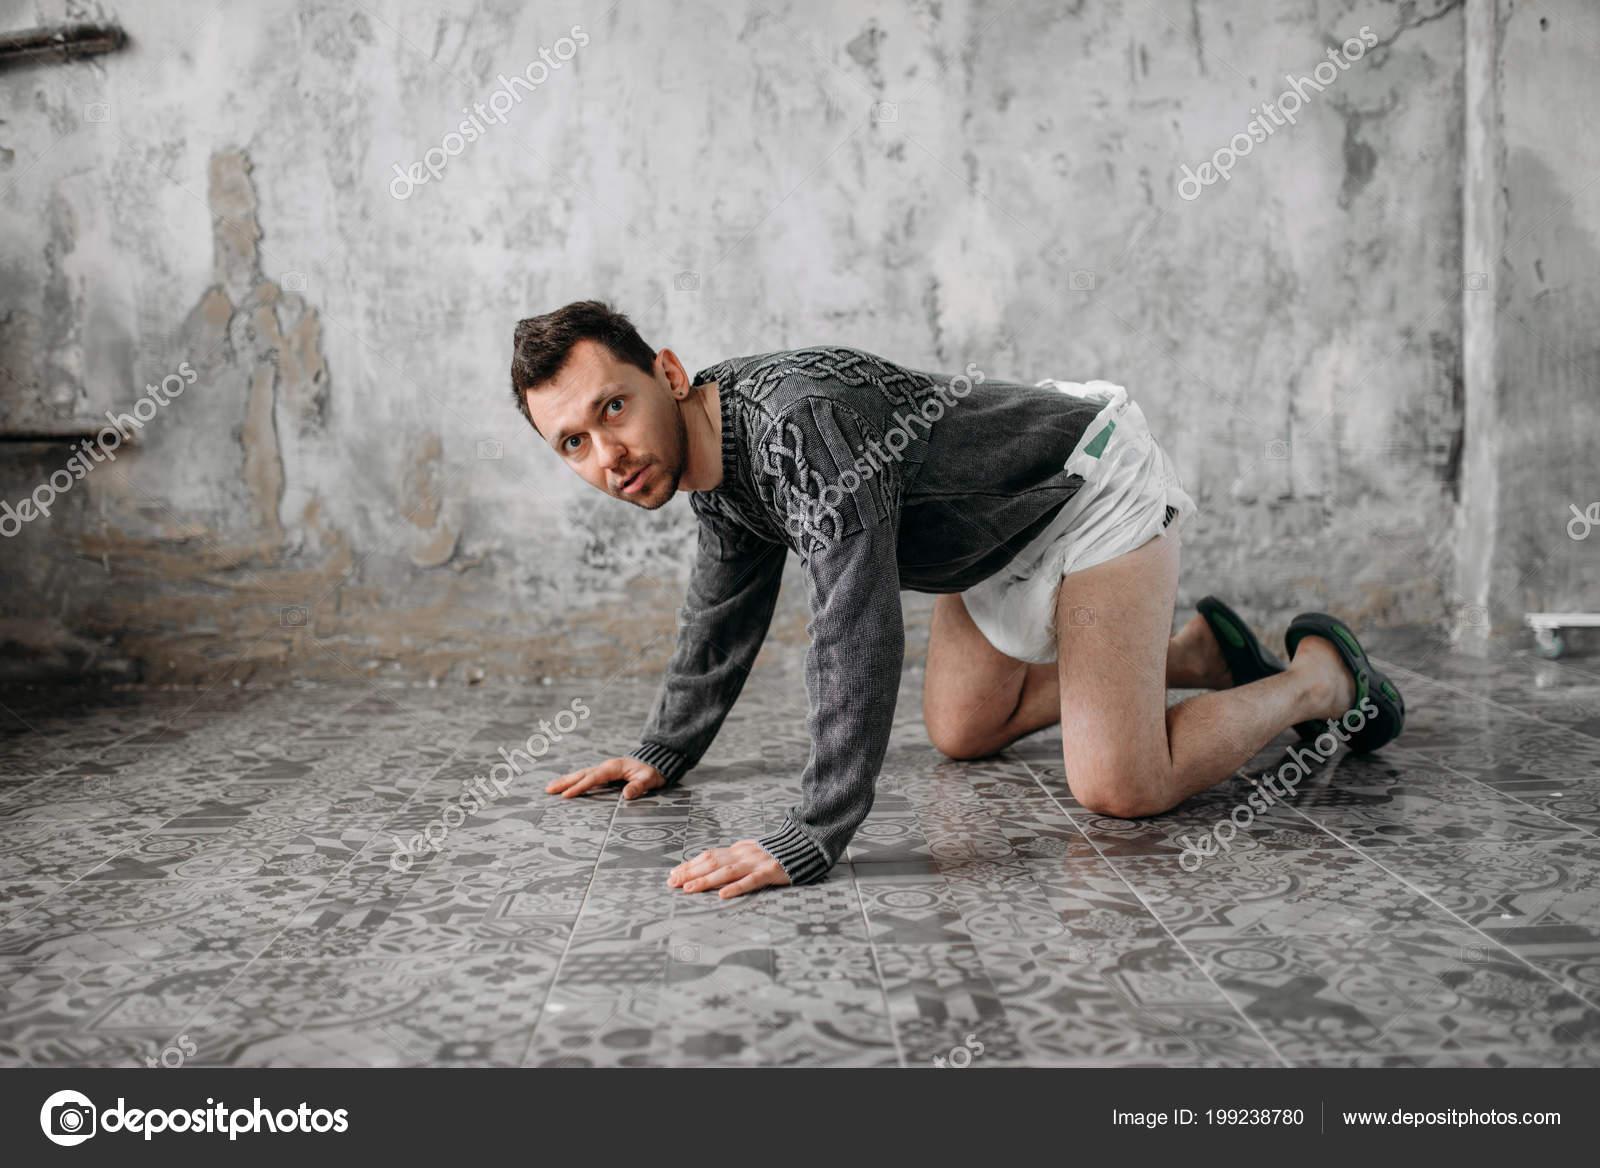 Freak man luier grunge kamer interieur u2014 stockfoto © nomadsoul1